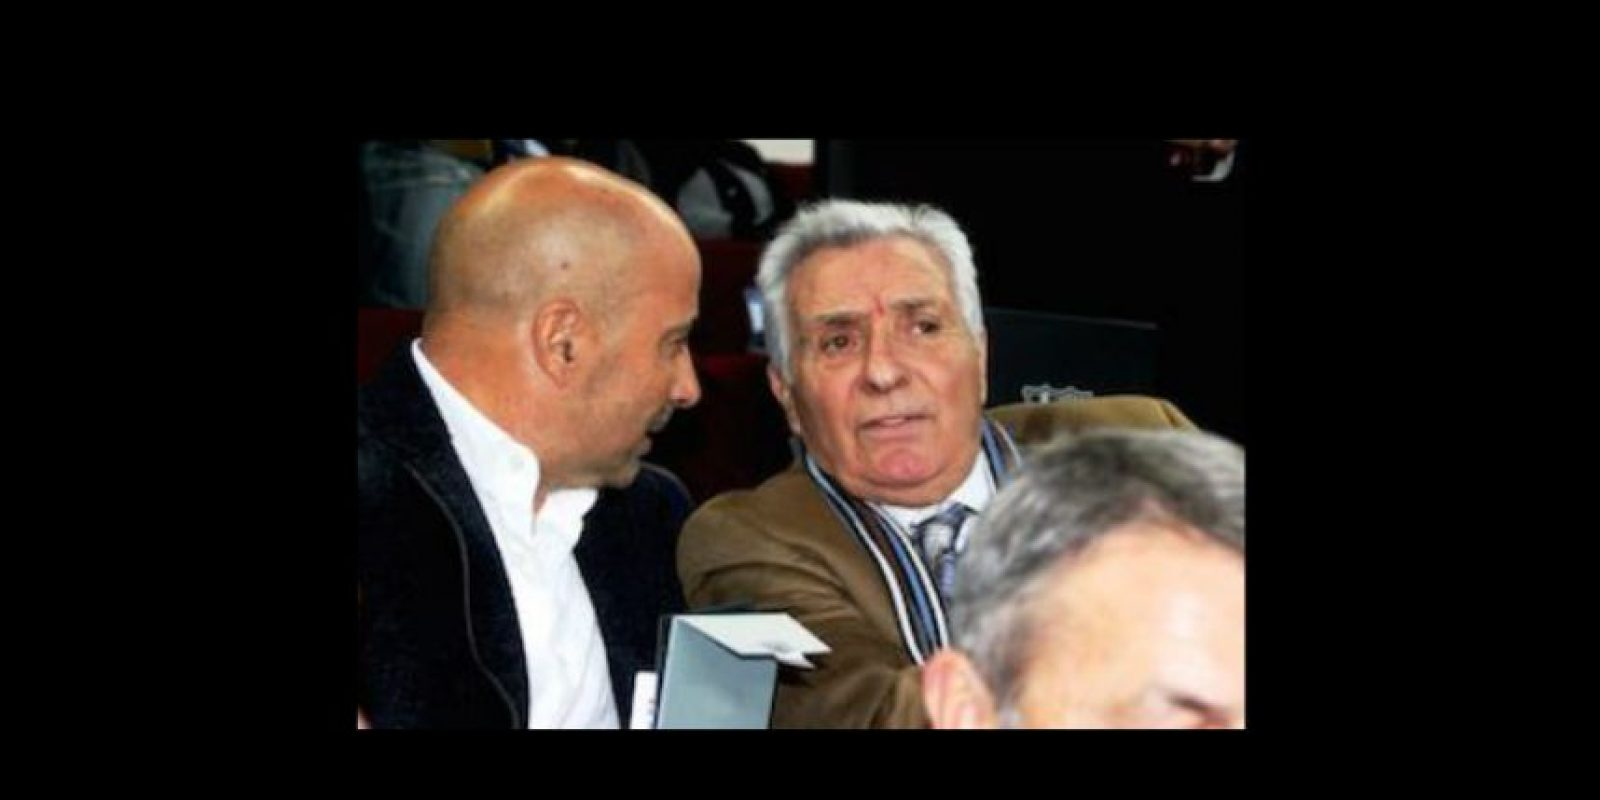 Jorge Sampaoli en el Camp Nou, presenciando el Clásico español del pasado fin de semana Foto:Ramón Mompió